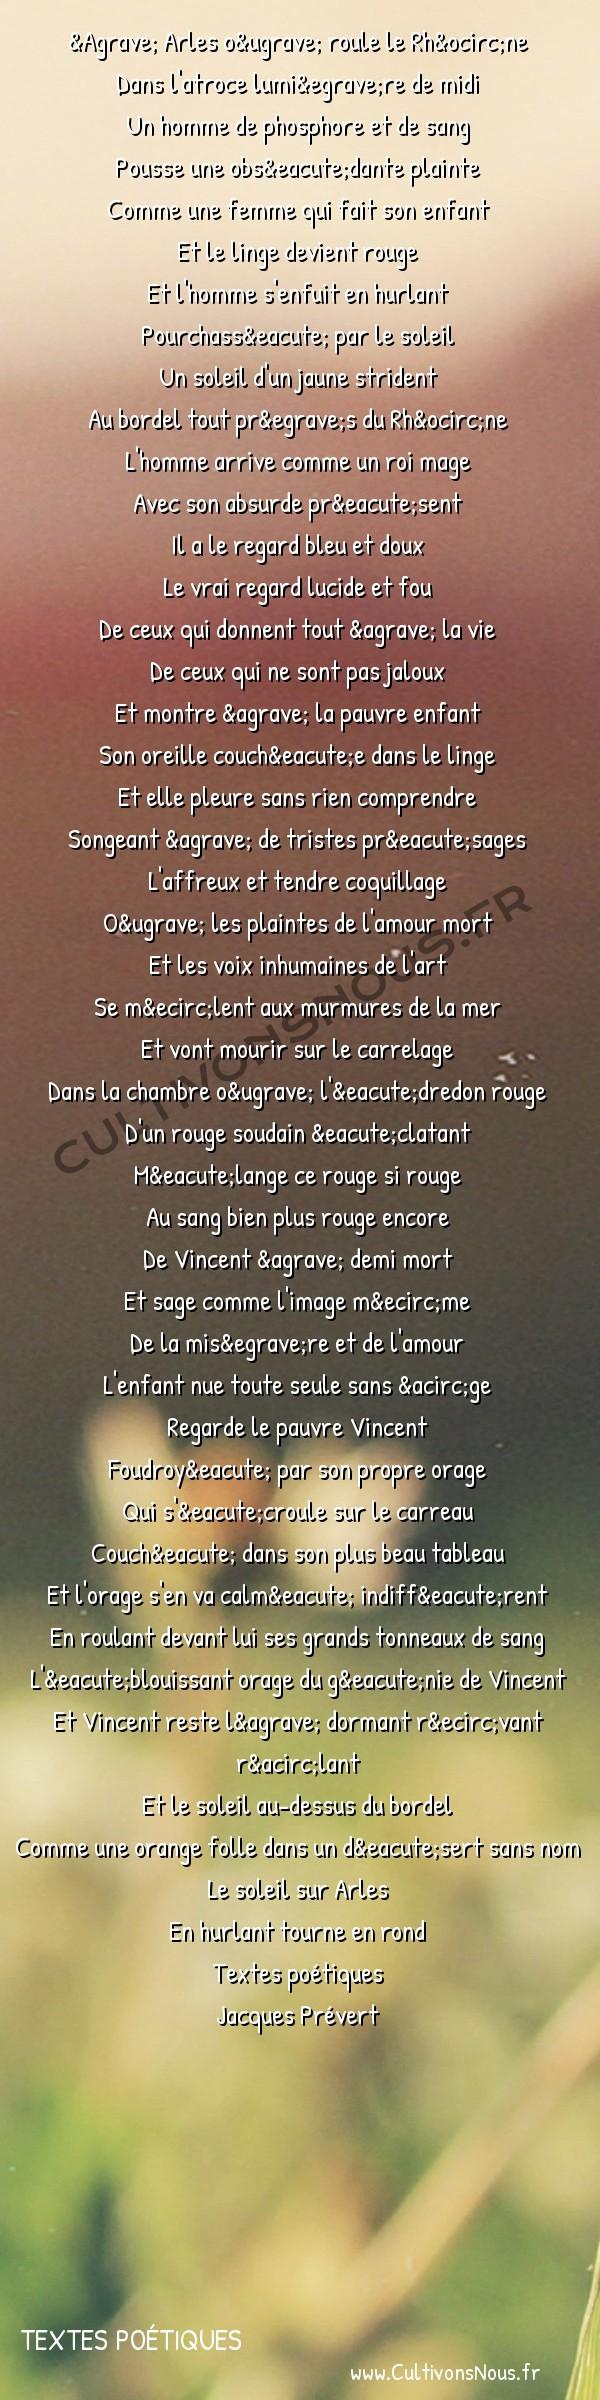 Poésie Jacques Prevert - Textes poétiques - Complainte de vincent à paul eluard -  À Arles où roule le Rhône Dans l'atroce lumière de midi